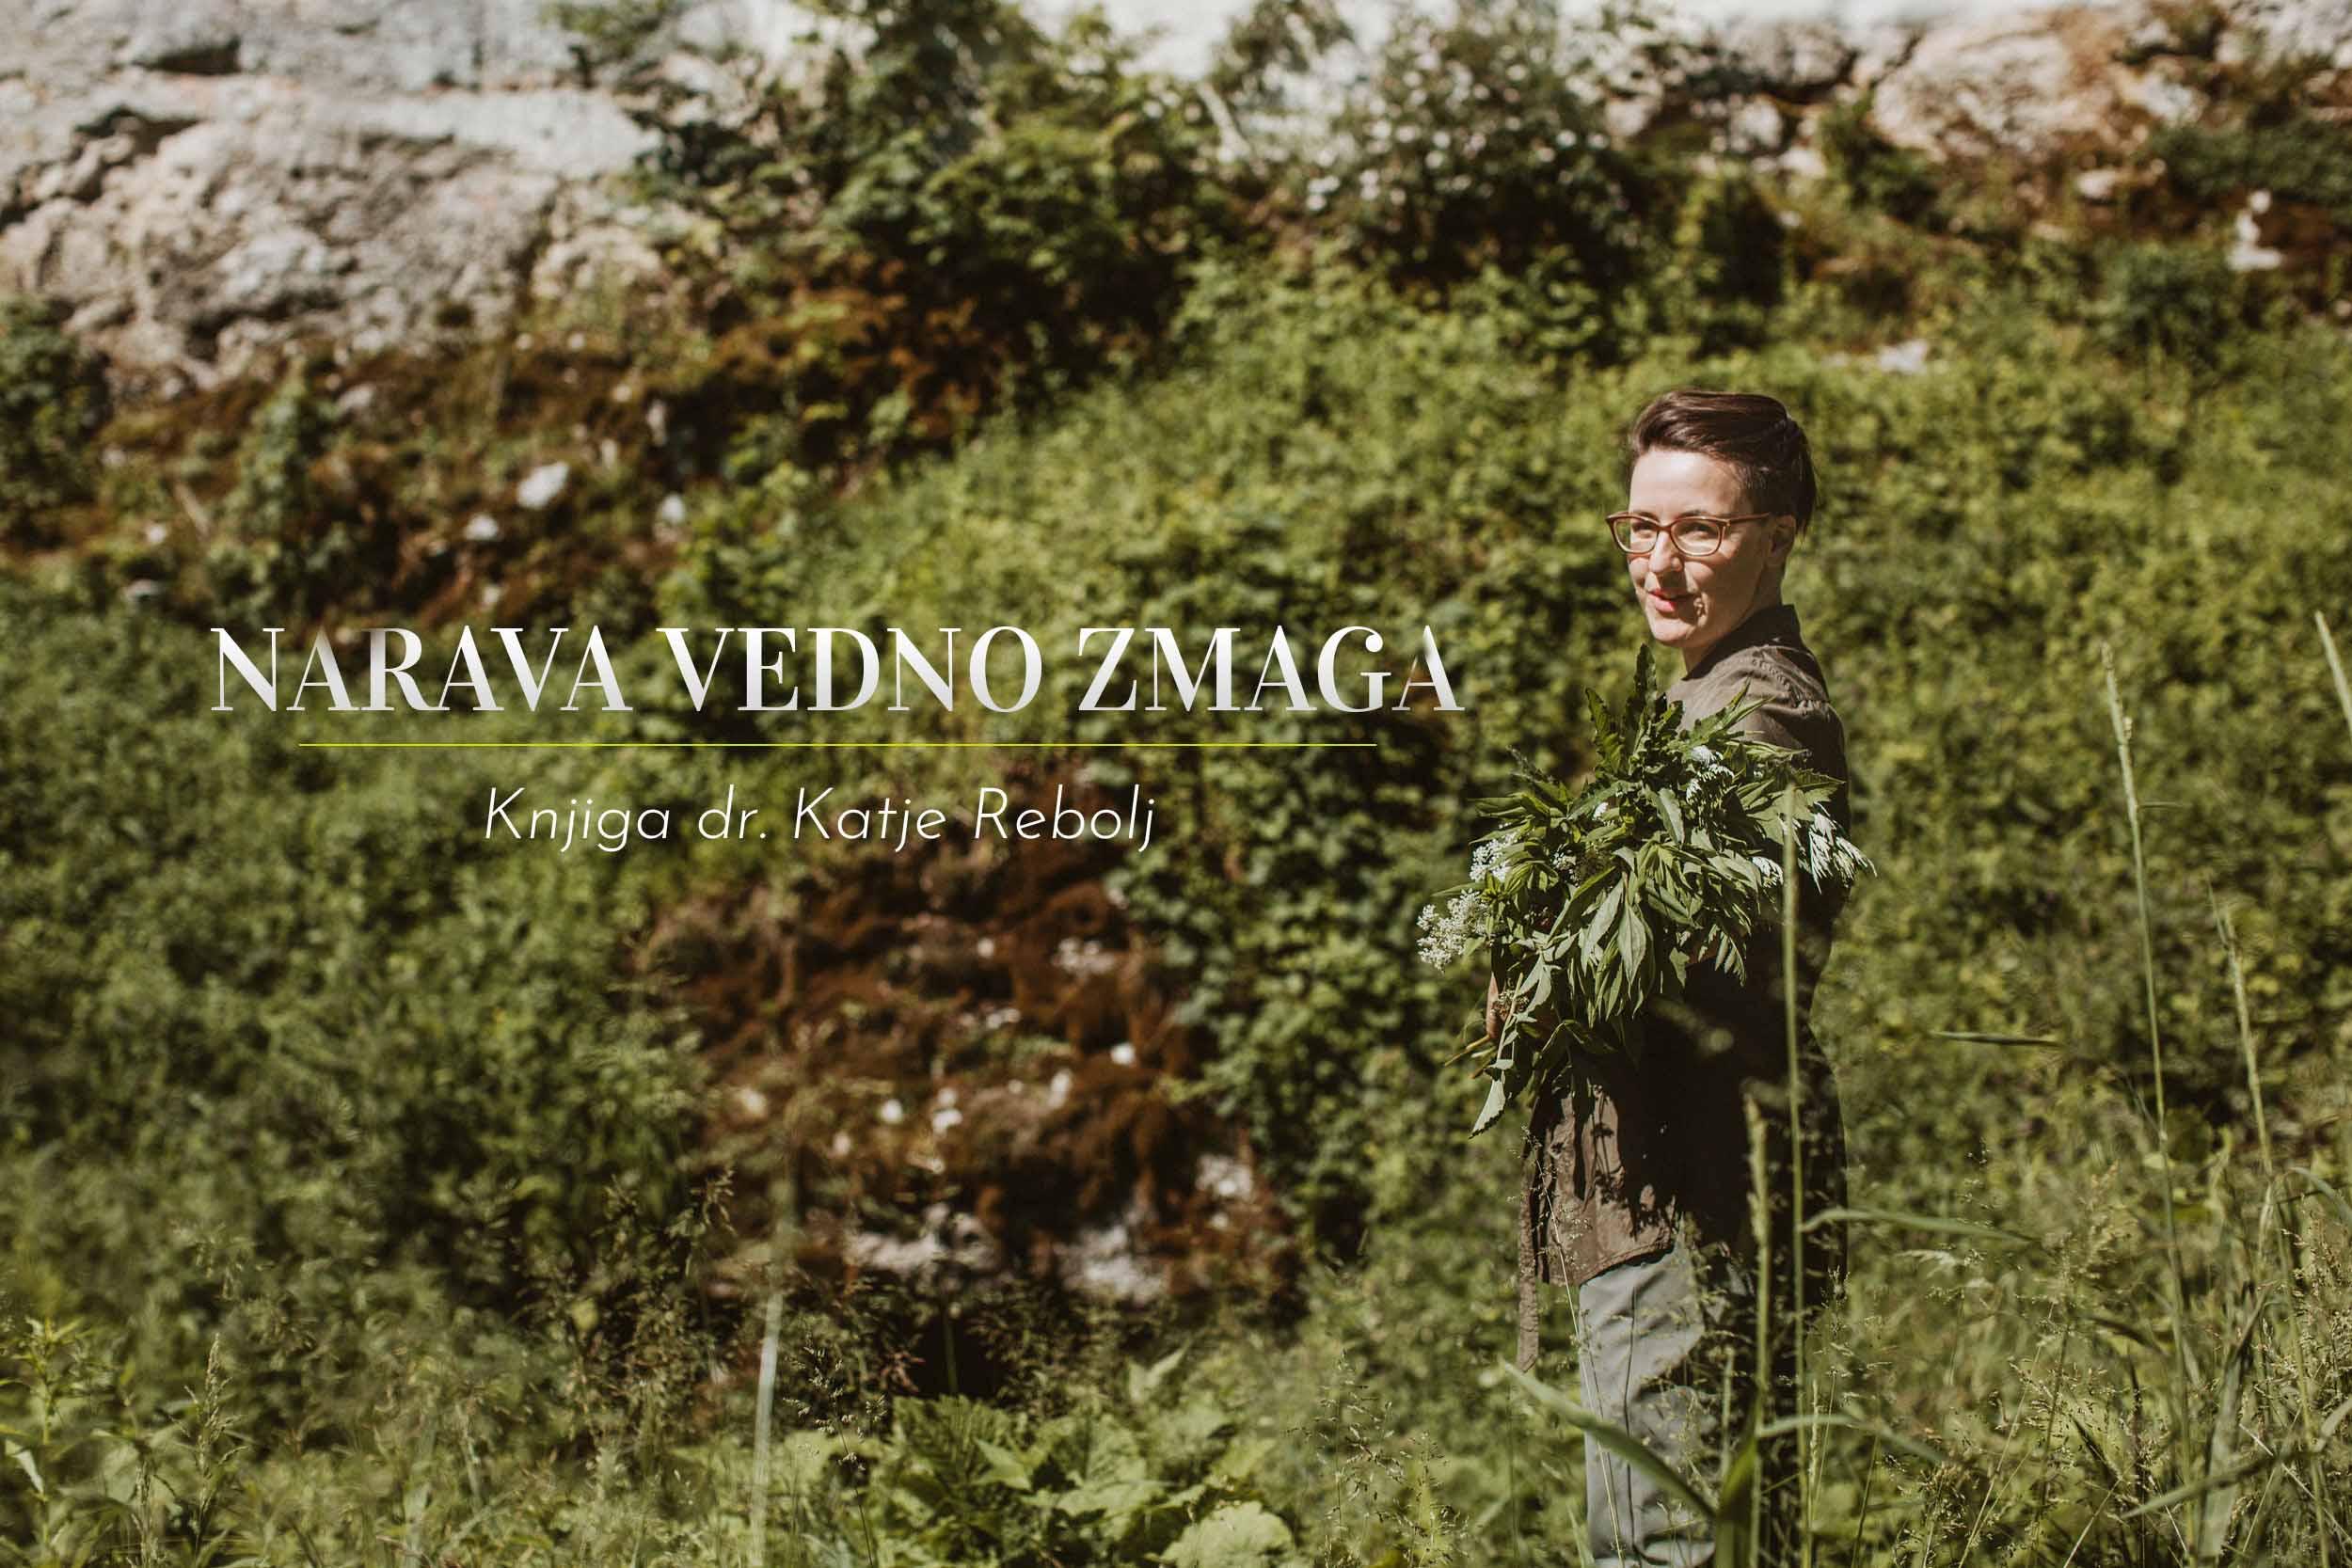 Narava vedno zmaga - knjiga divje rastline